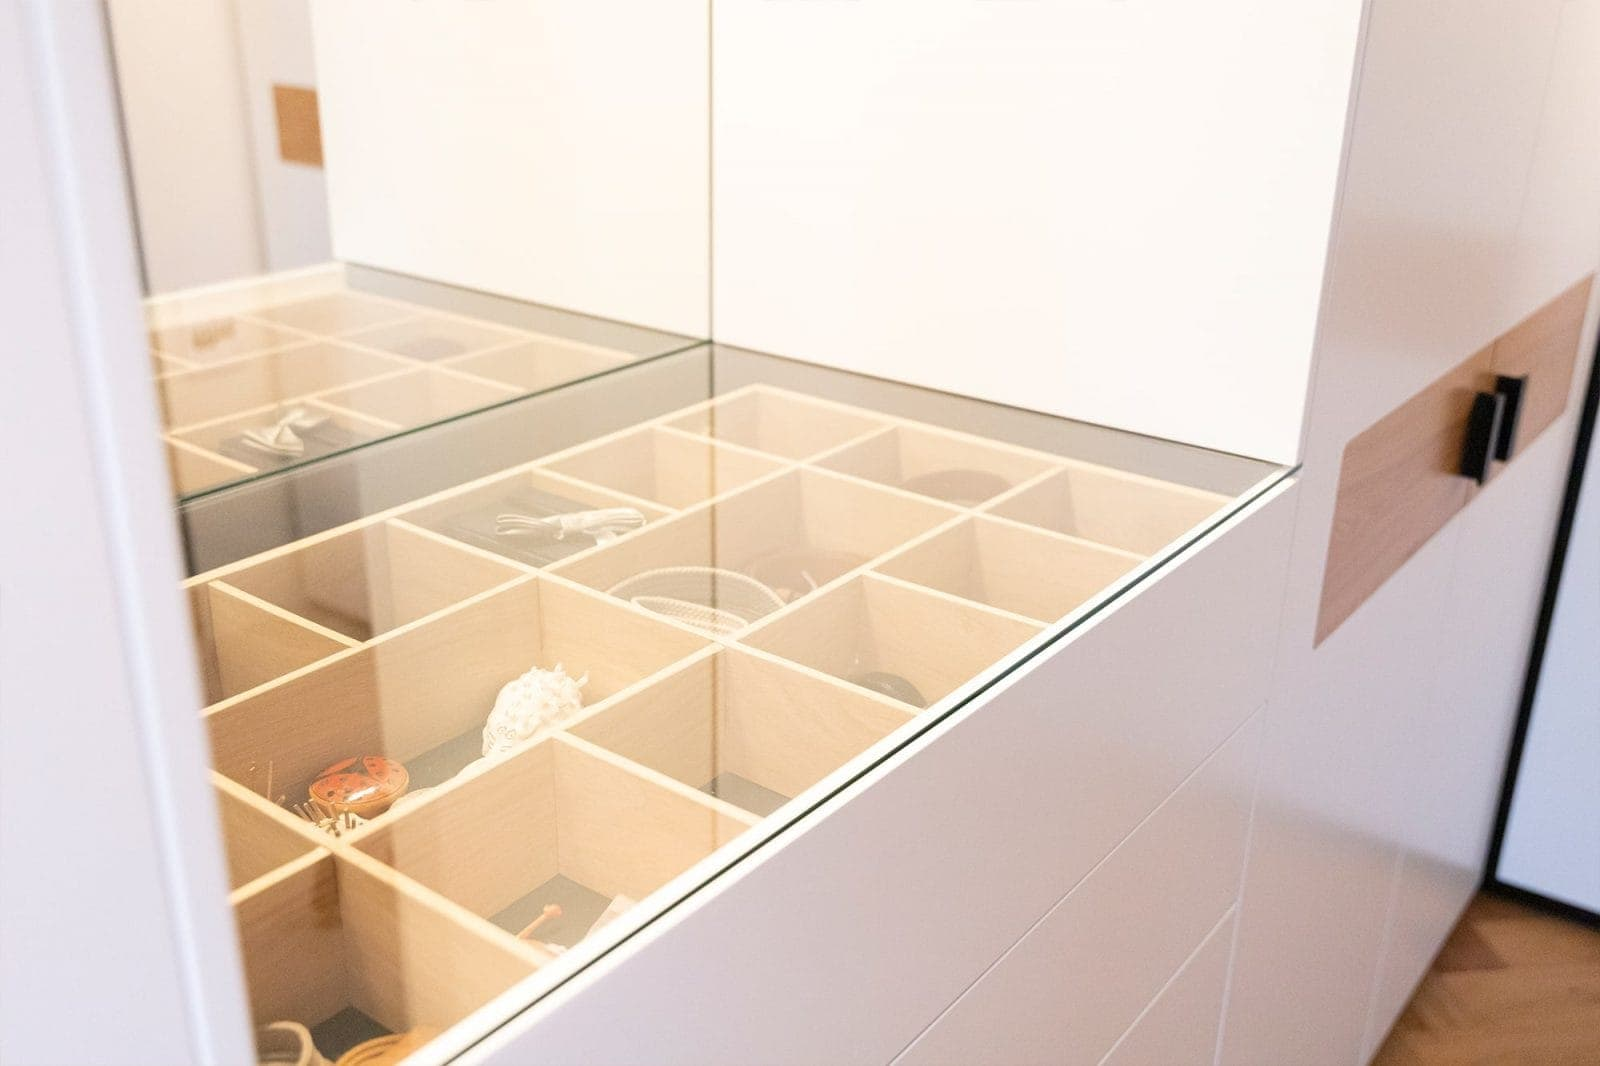 Atelier19 Inloopkast Op Maat gemaakt door meubelmaker Spijkenisse